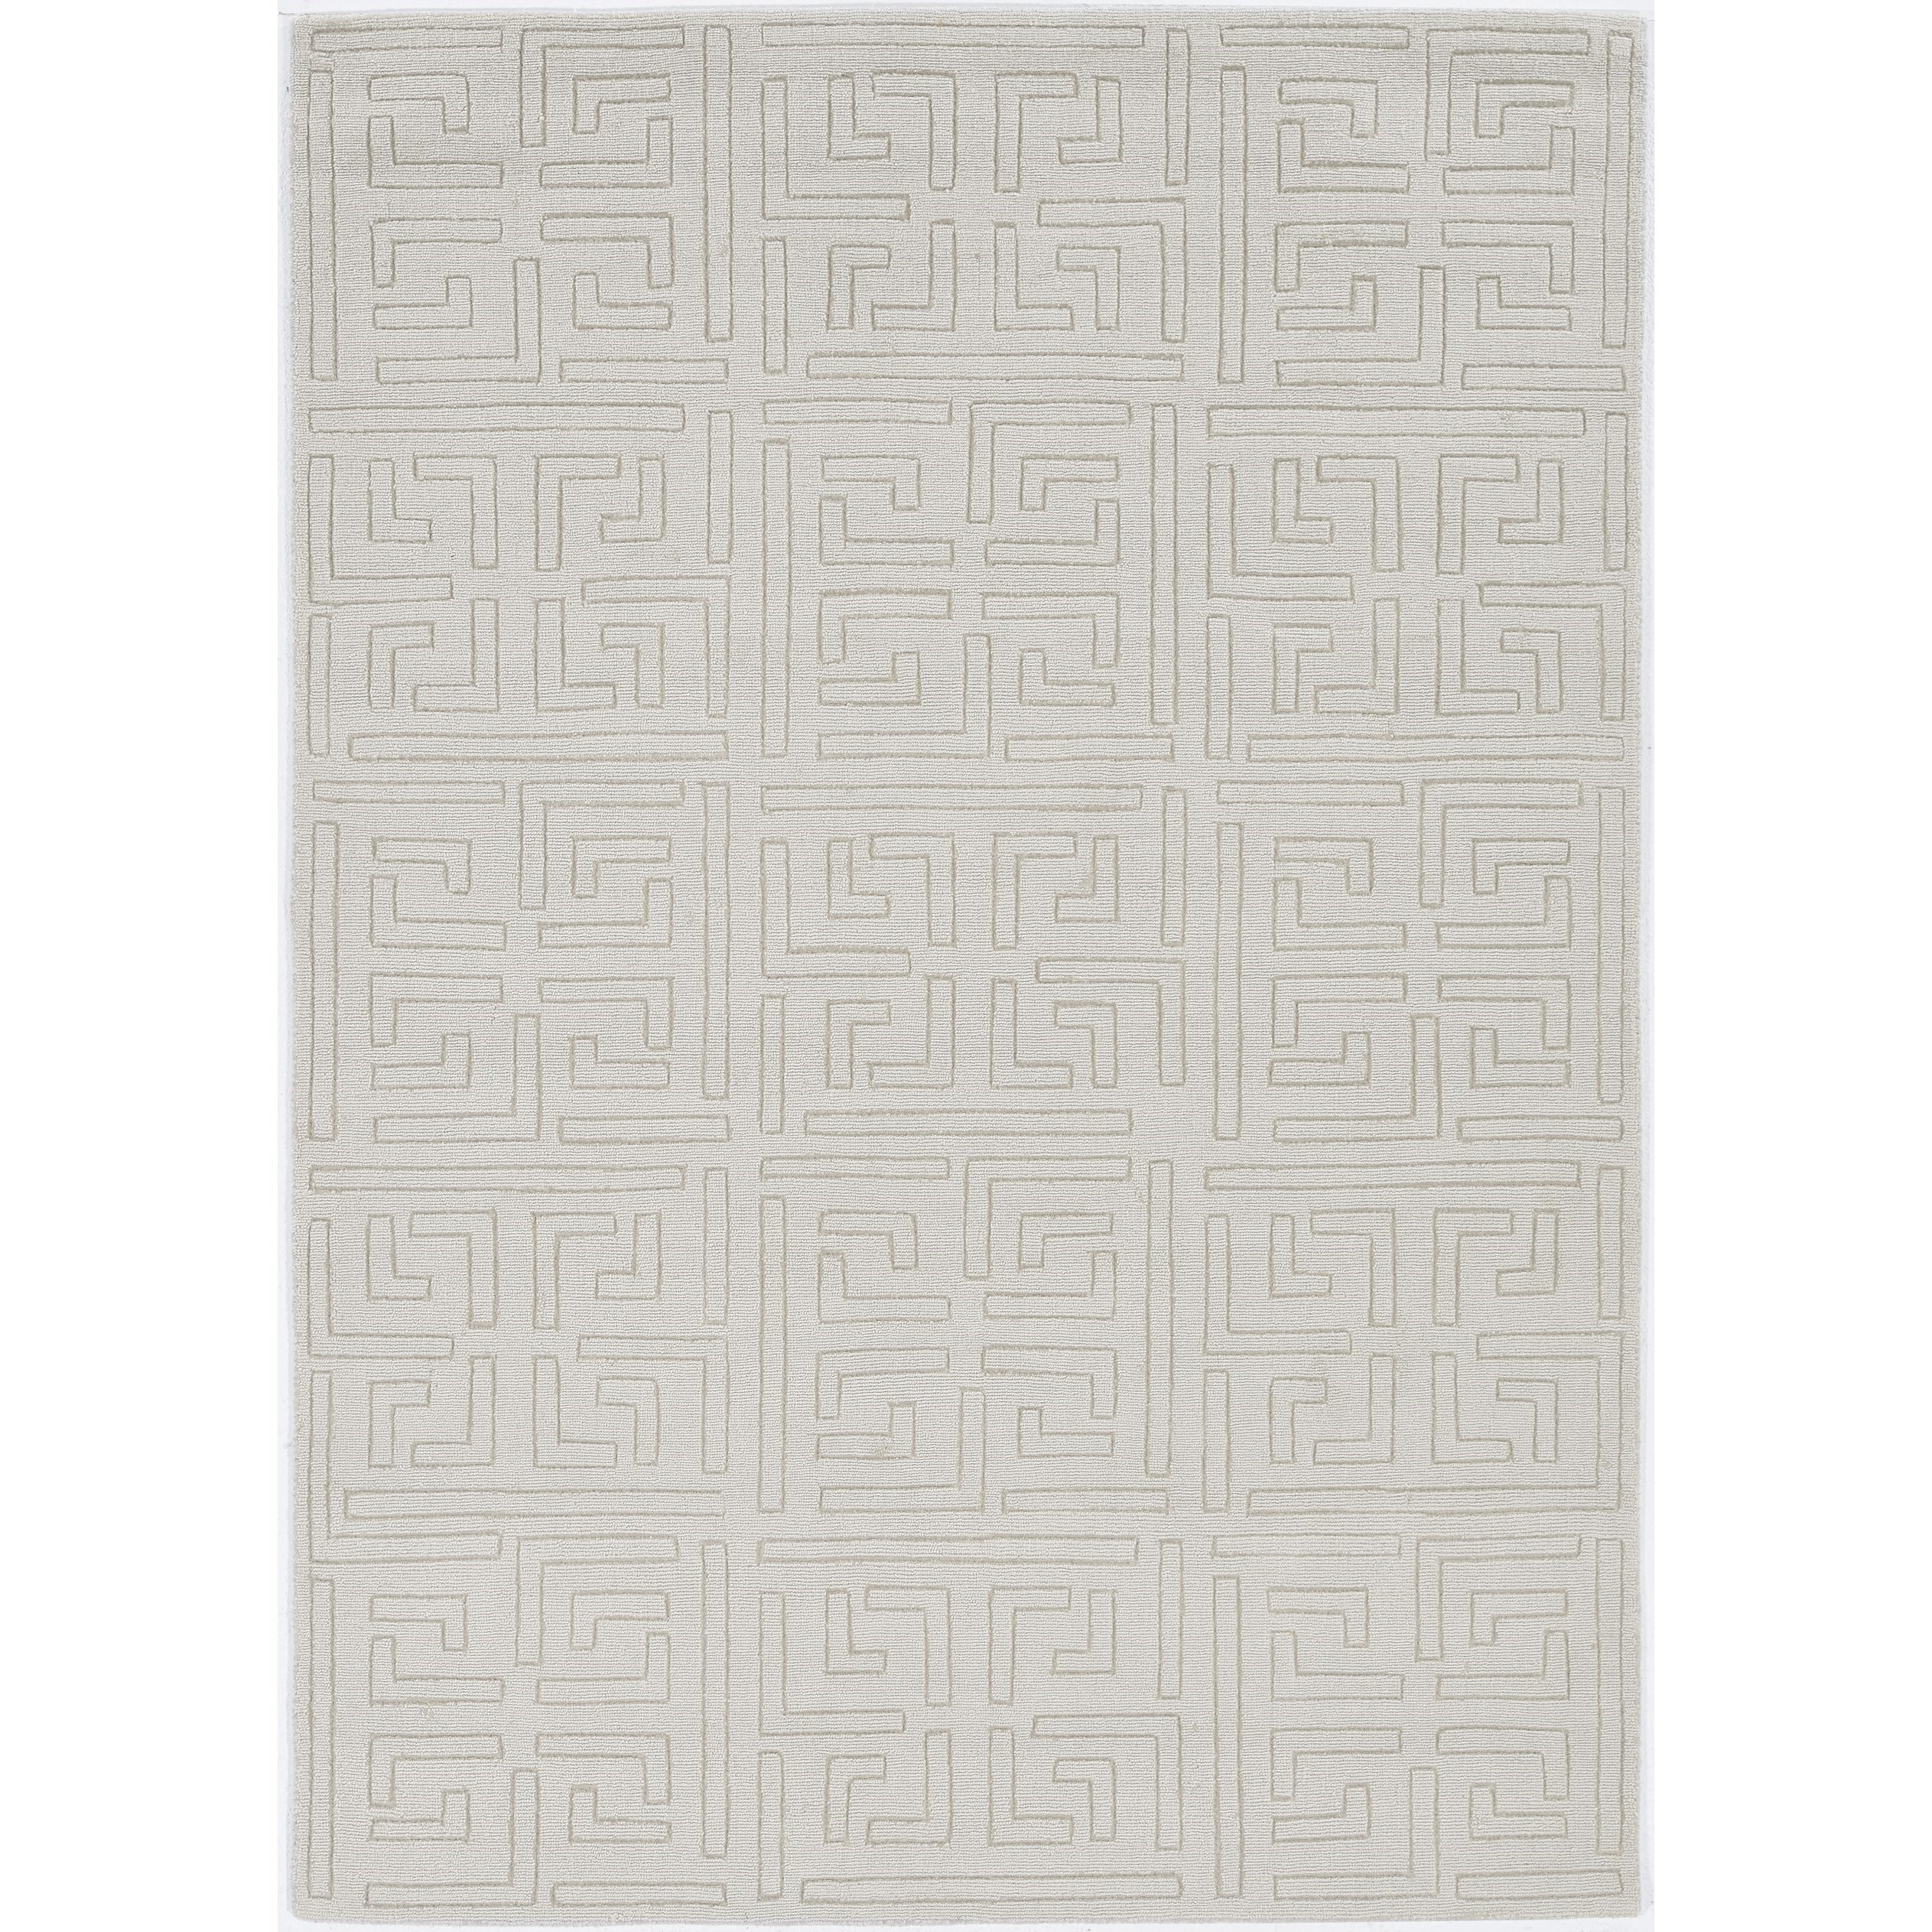 9' x 12' Ivory Cityscape Rug